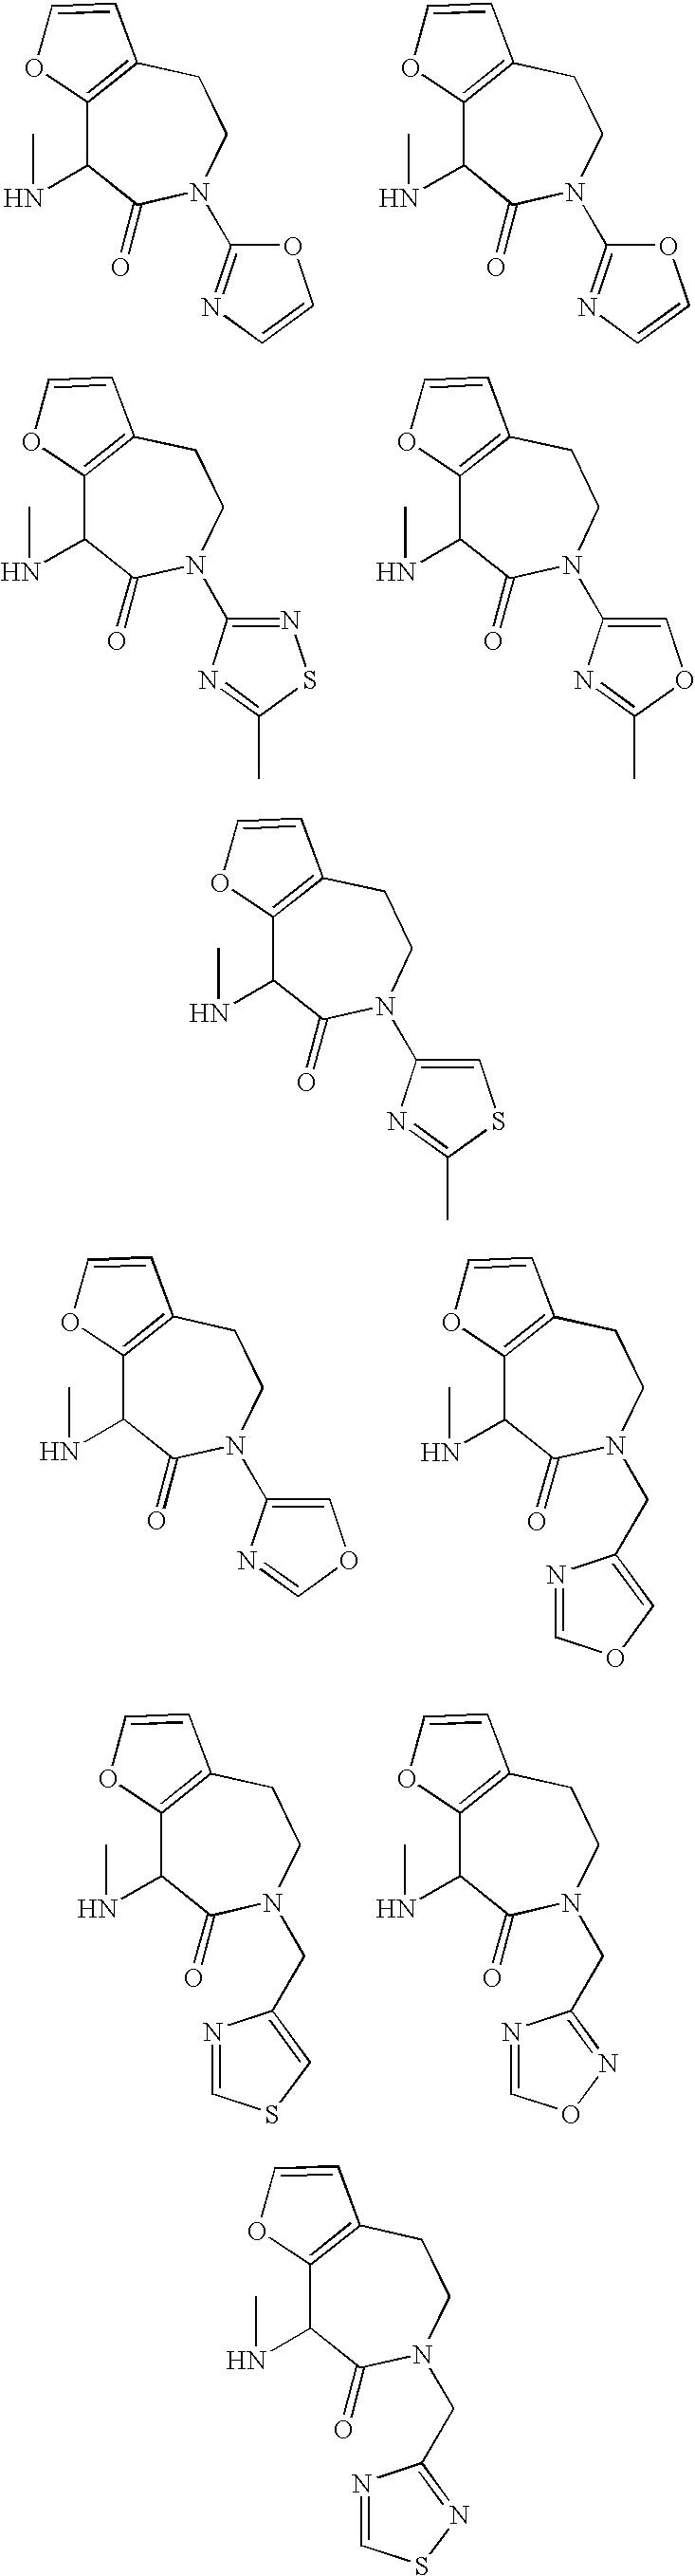 Figure US06509331-20030121-C00105